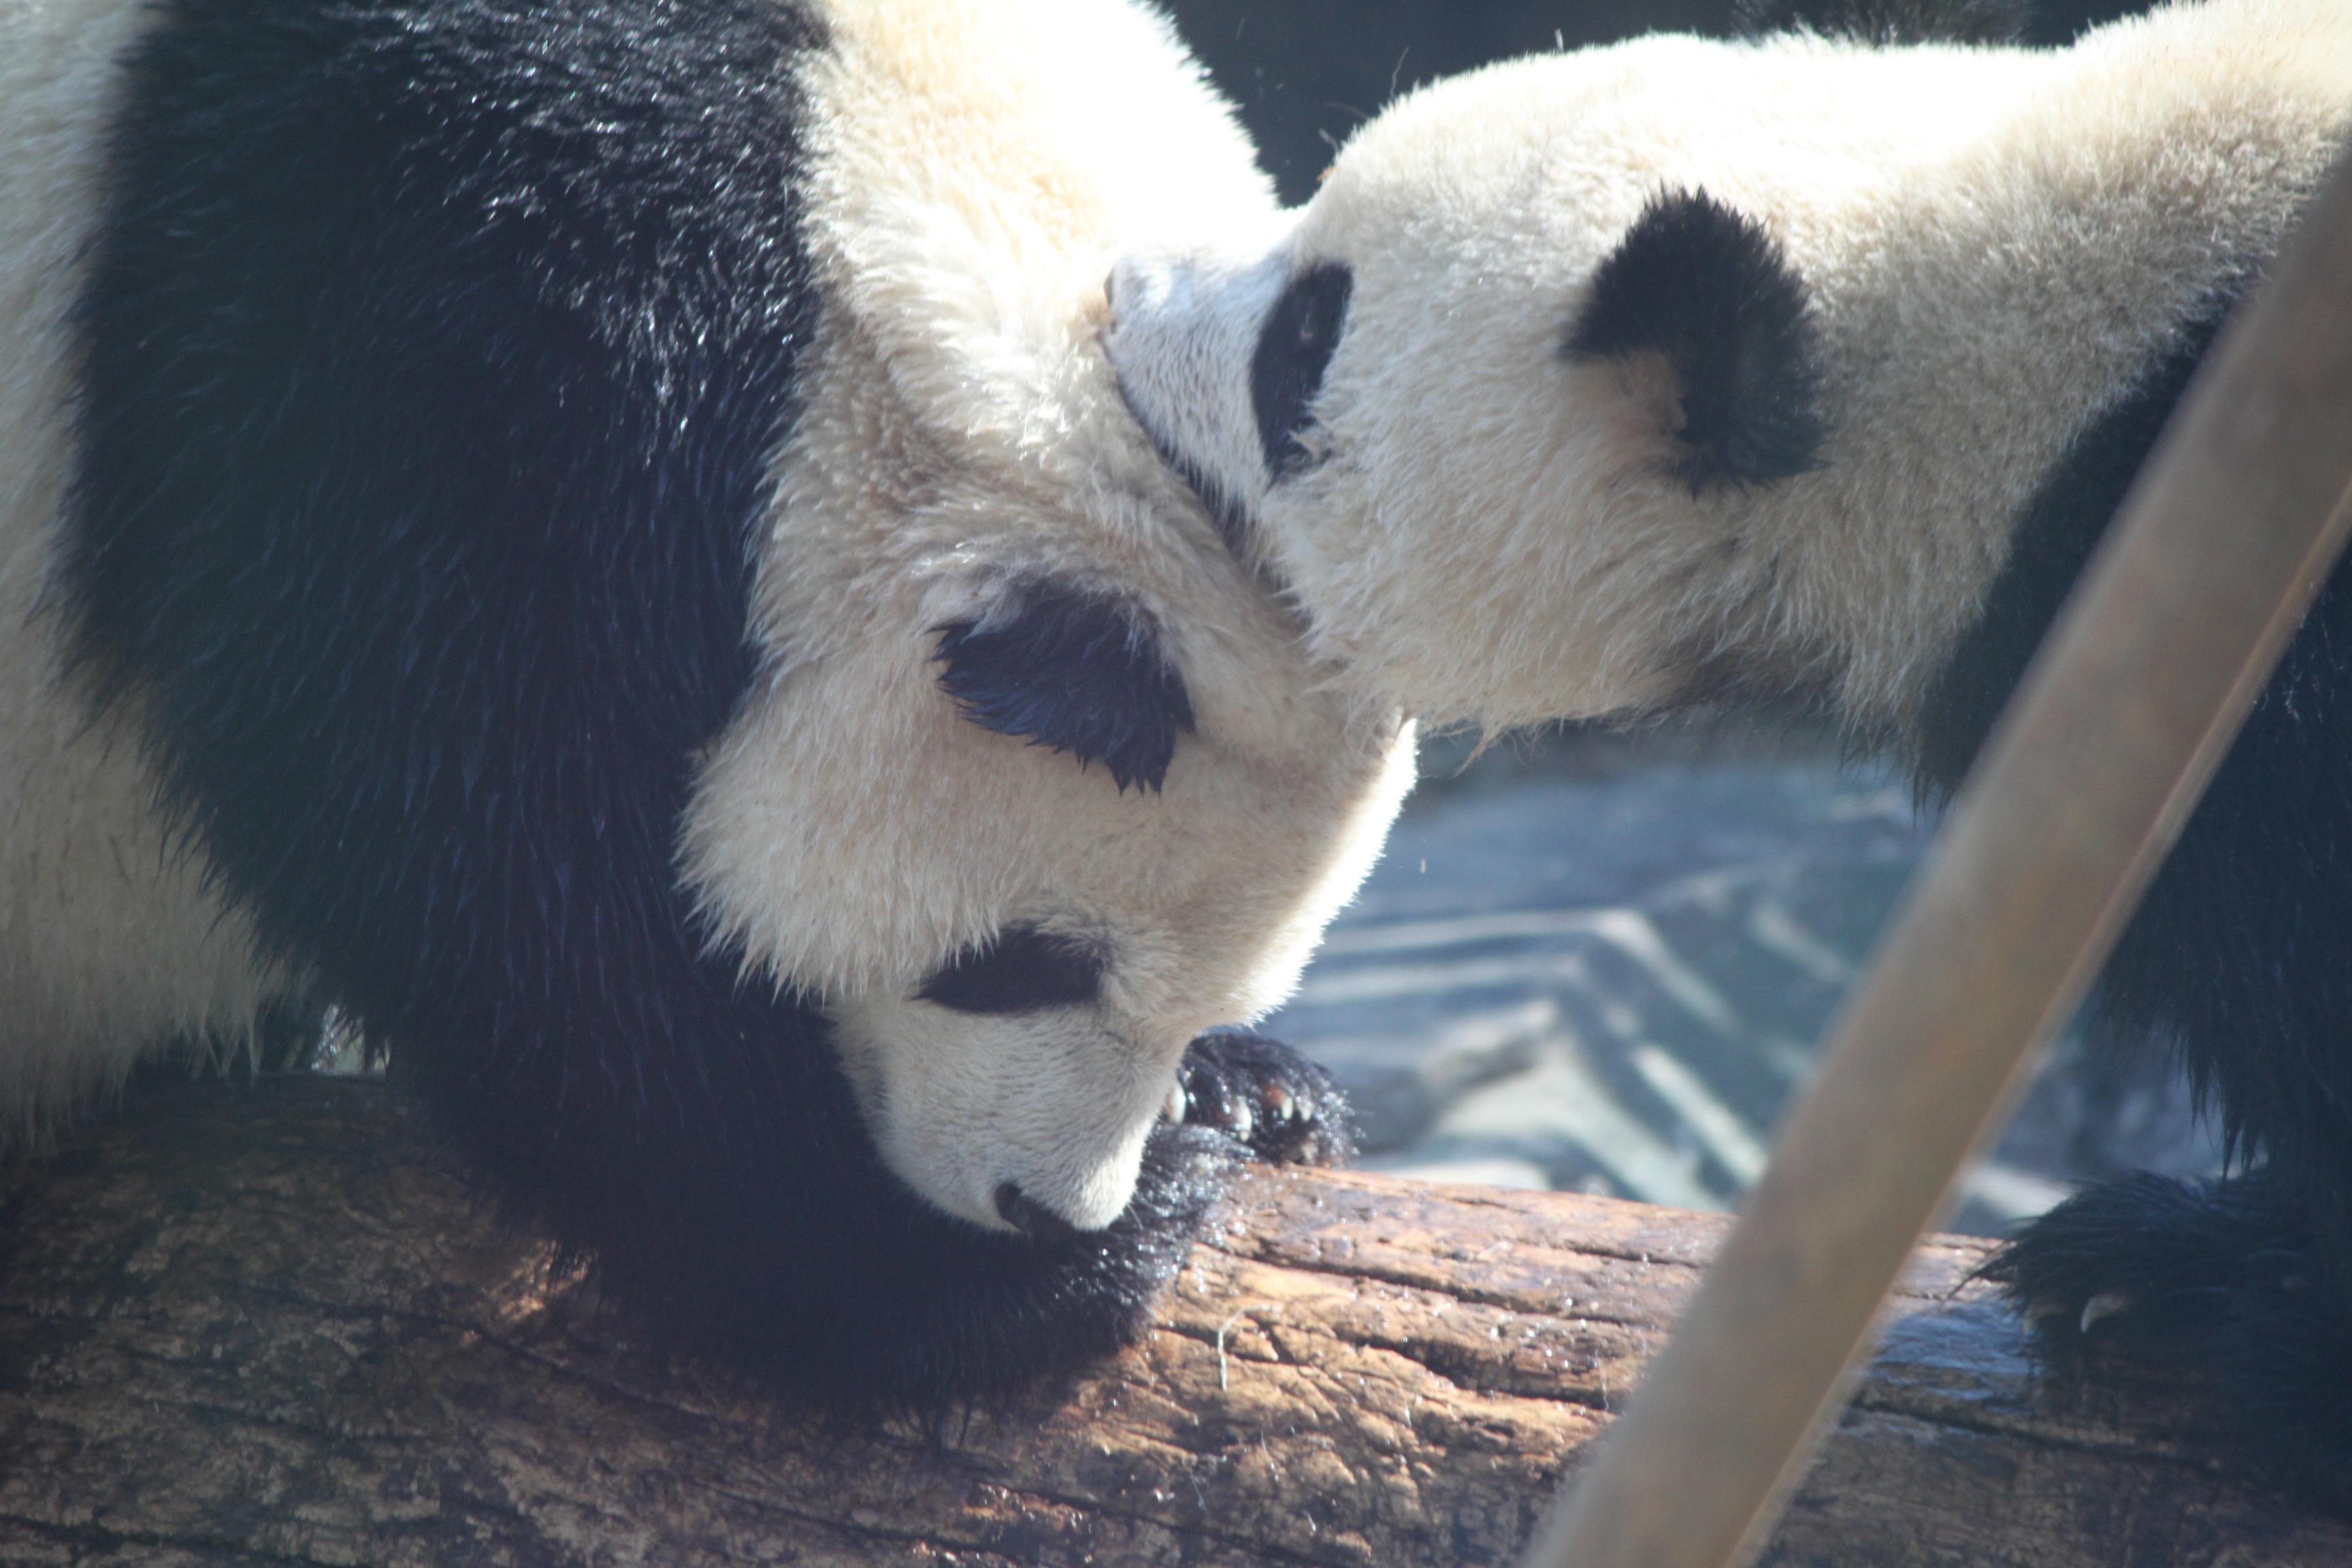 说是游记真够tricky的,其实就是和喜欢熊猫这个可爱生物的人分享一下。不是拍于一天,人家贵为国宝也不是每天心情都一样,外在举动更不可能了。这么可爱的动物自不必多言,可能有人不喜欢么???!去年有部巨萌的连载动漫白熊咖啡厅,瞅瞅人家东瀛不产熊猫也升华得这么让热爱鸟~看一眼熊猫真的任何不悦都有多远滚多远了。要不成都干嘛整个在线24小时大熊猫视频网站涅~大连森林动物园熊猫馆建于去年,三只大熊猫金虎,男,最活泼好动,我主要拍得就是他,4岁;妙音,唯一女性,2岁可能;飞云,腼腆小伙,跟妙音一般儿大。第一组金